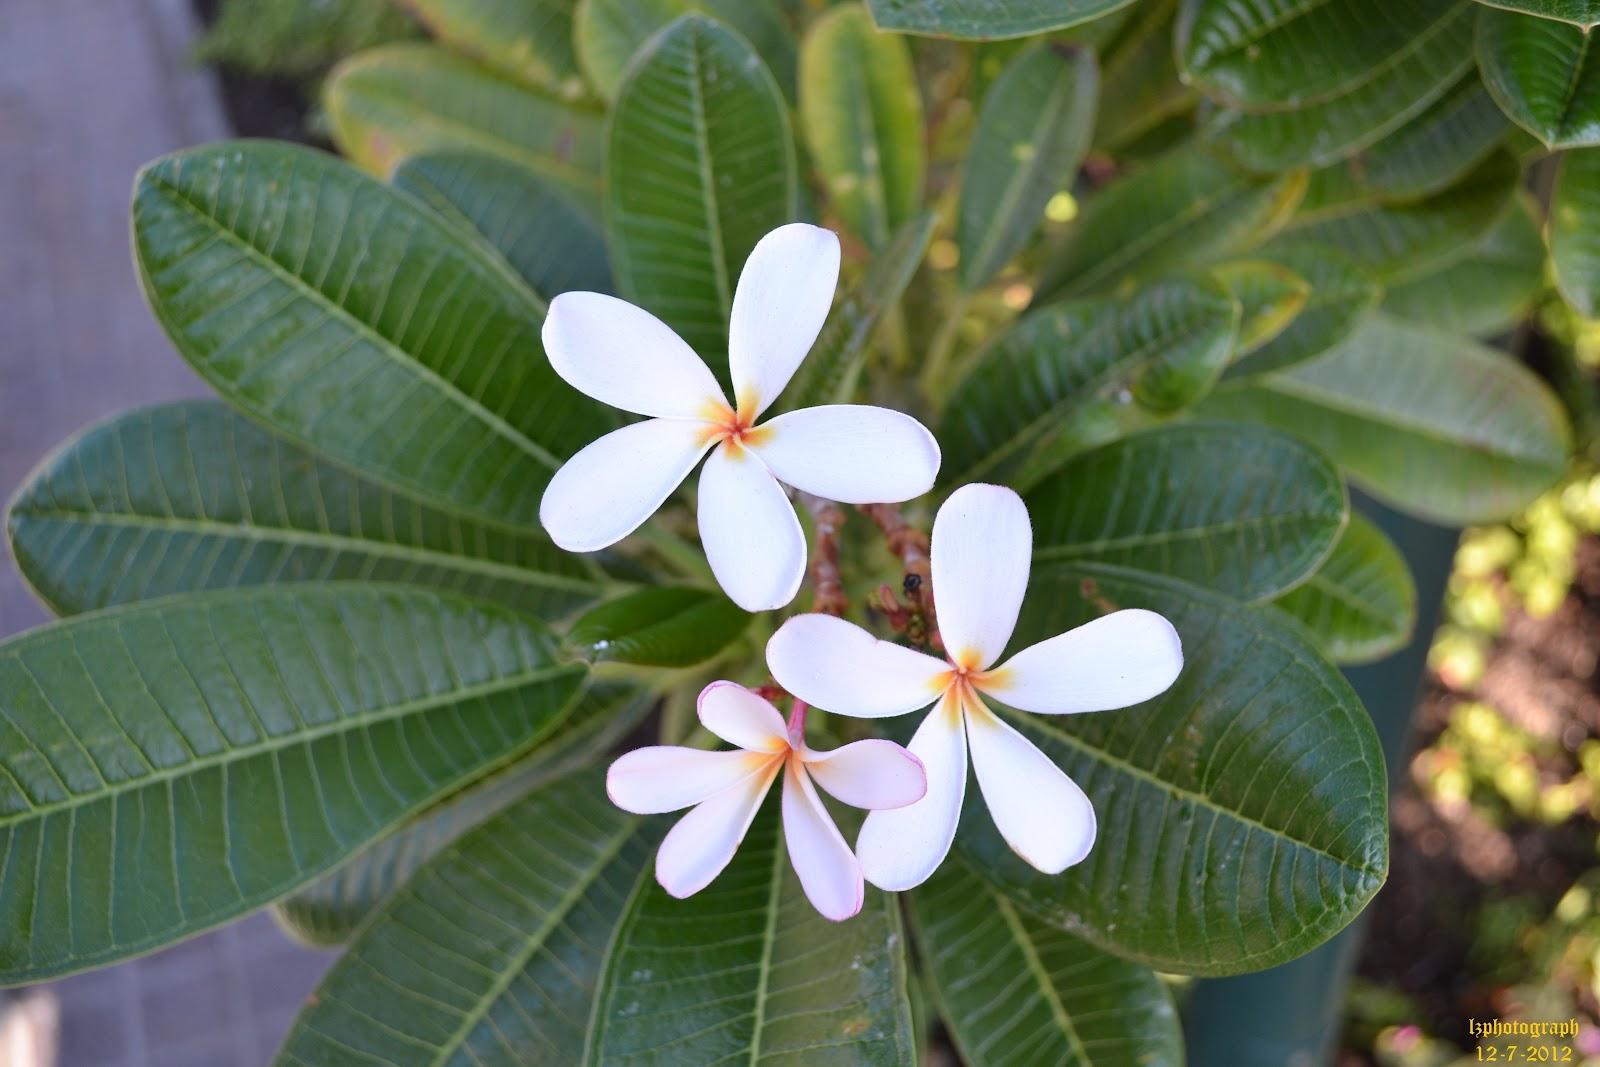 Plumeria/Kalachuchi flowers and leaves